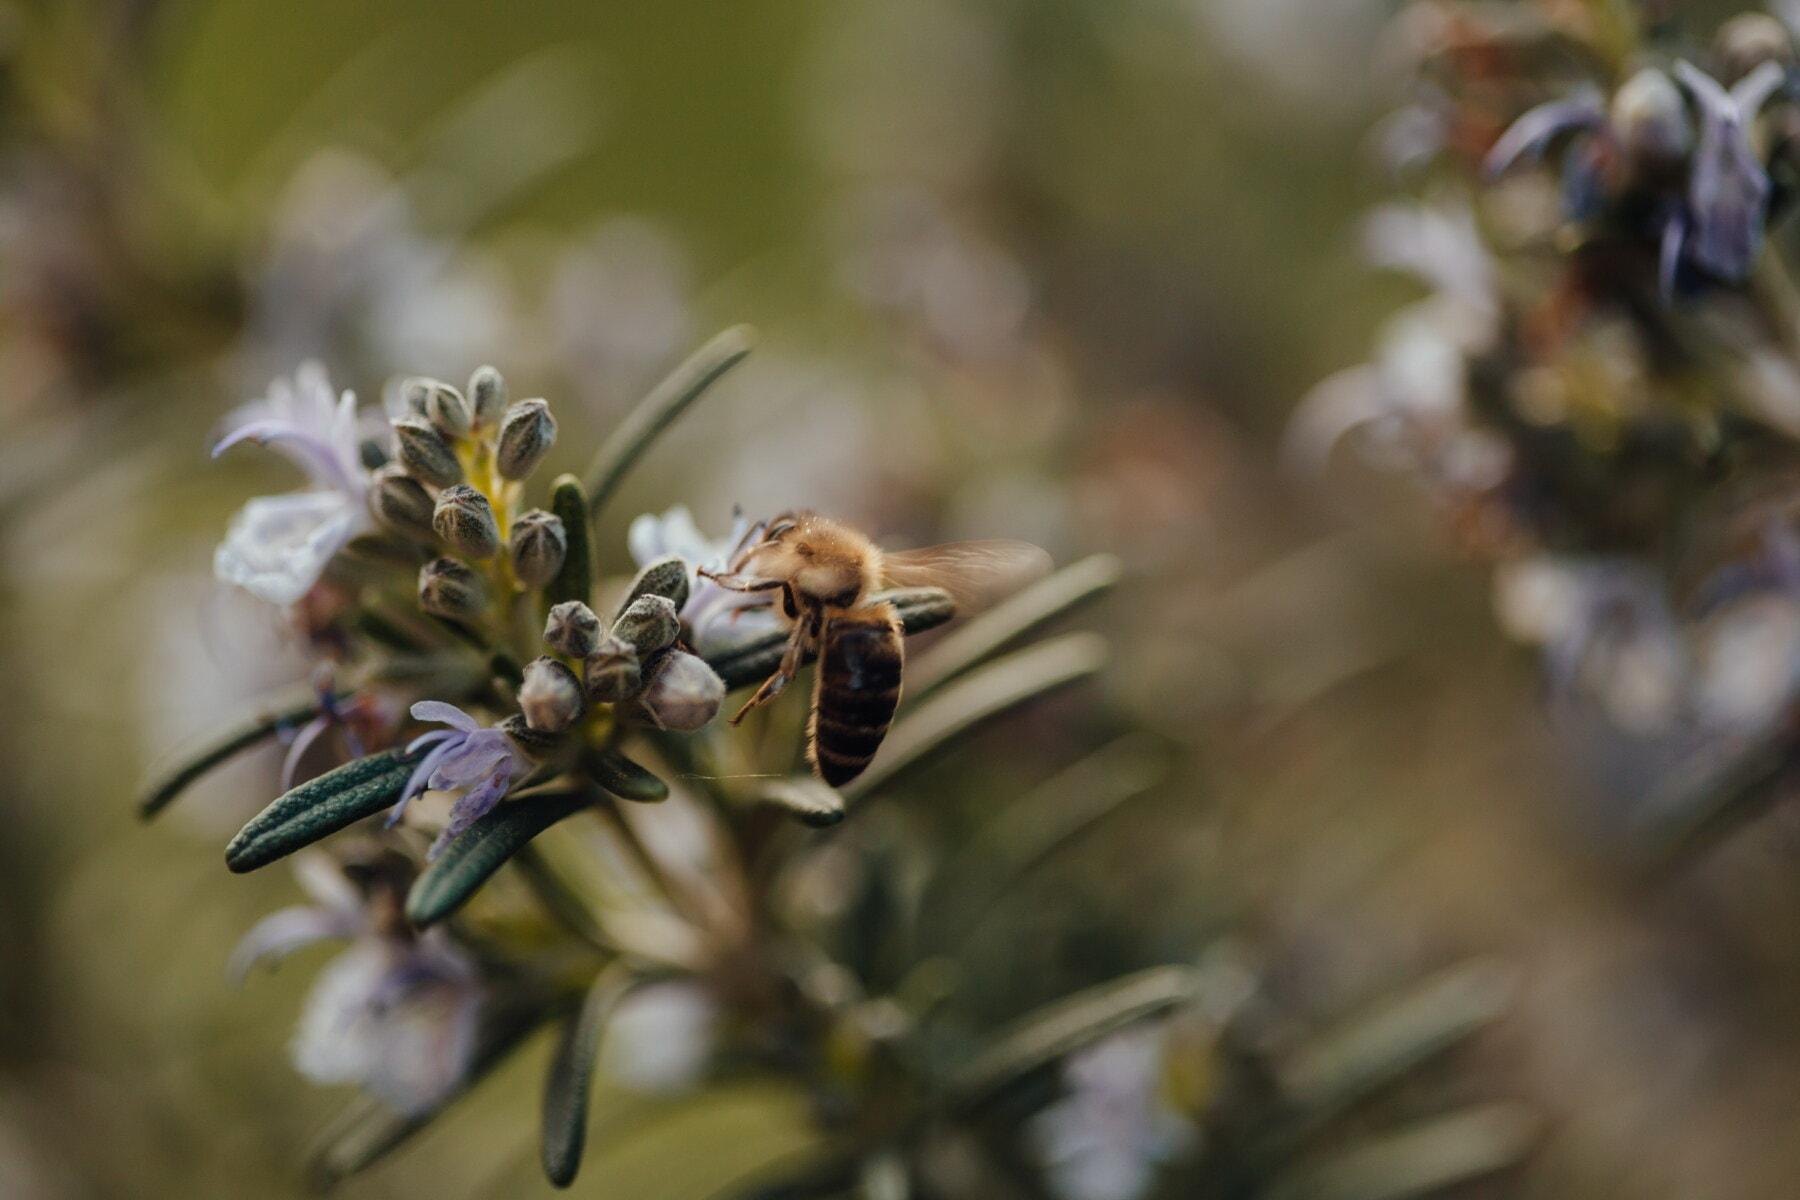 Biene, Anlage, Arbeiter, verwischen, Natur, Honig, Blume, Insekt, Gliederfüßer, im freien